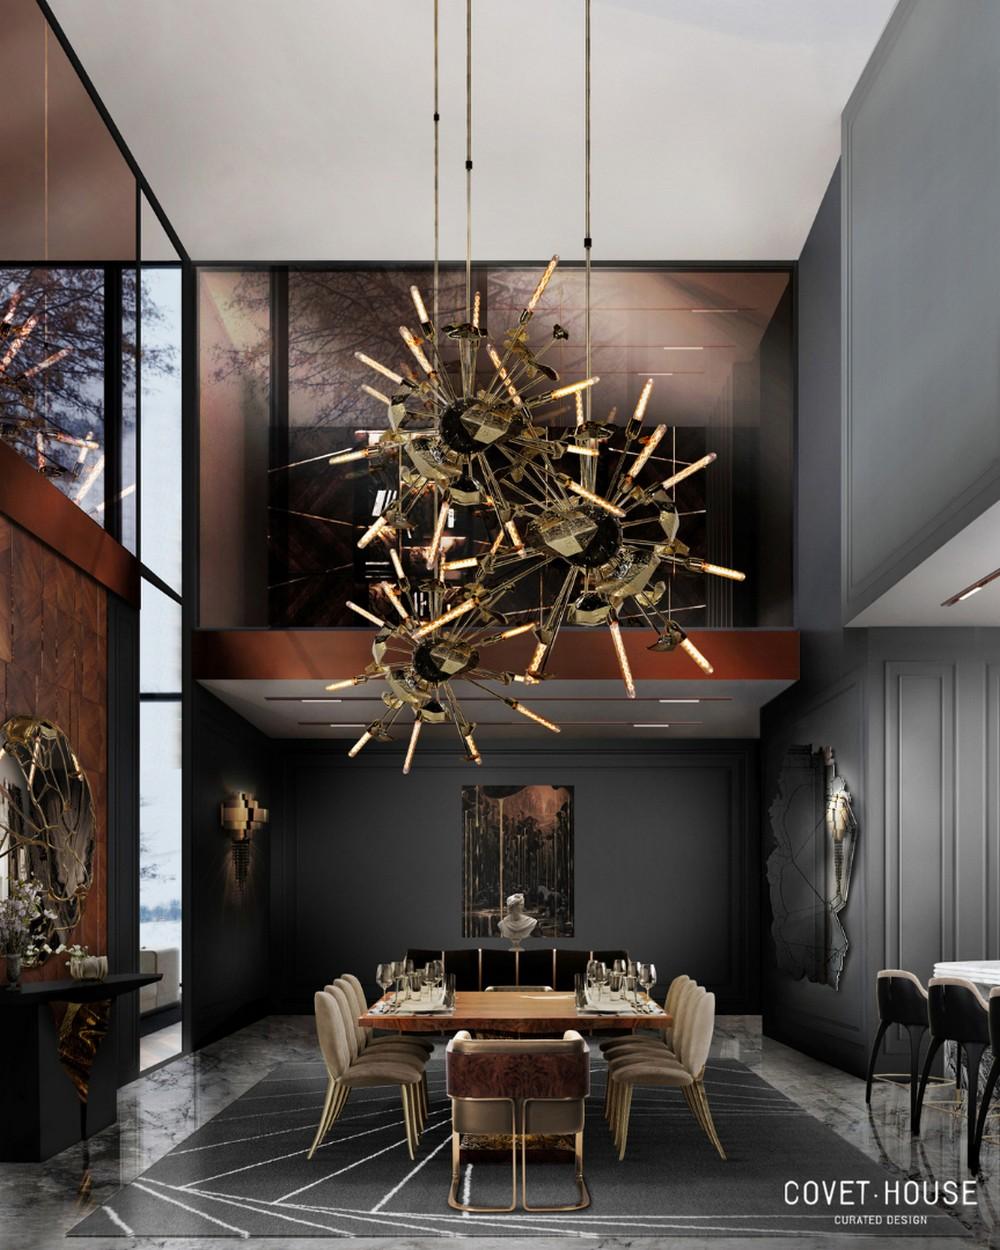 Comedores lujuosos: Inspiraciónes perfectas para un Diseño de interior moderno comedores lujuosos Comedores lujuosos: Inspiraciónes perfectas para un Diseño de interior moderno 10